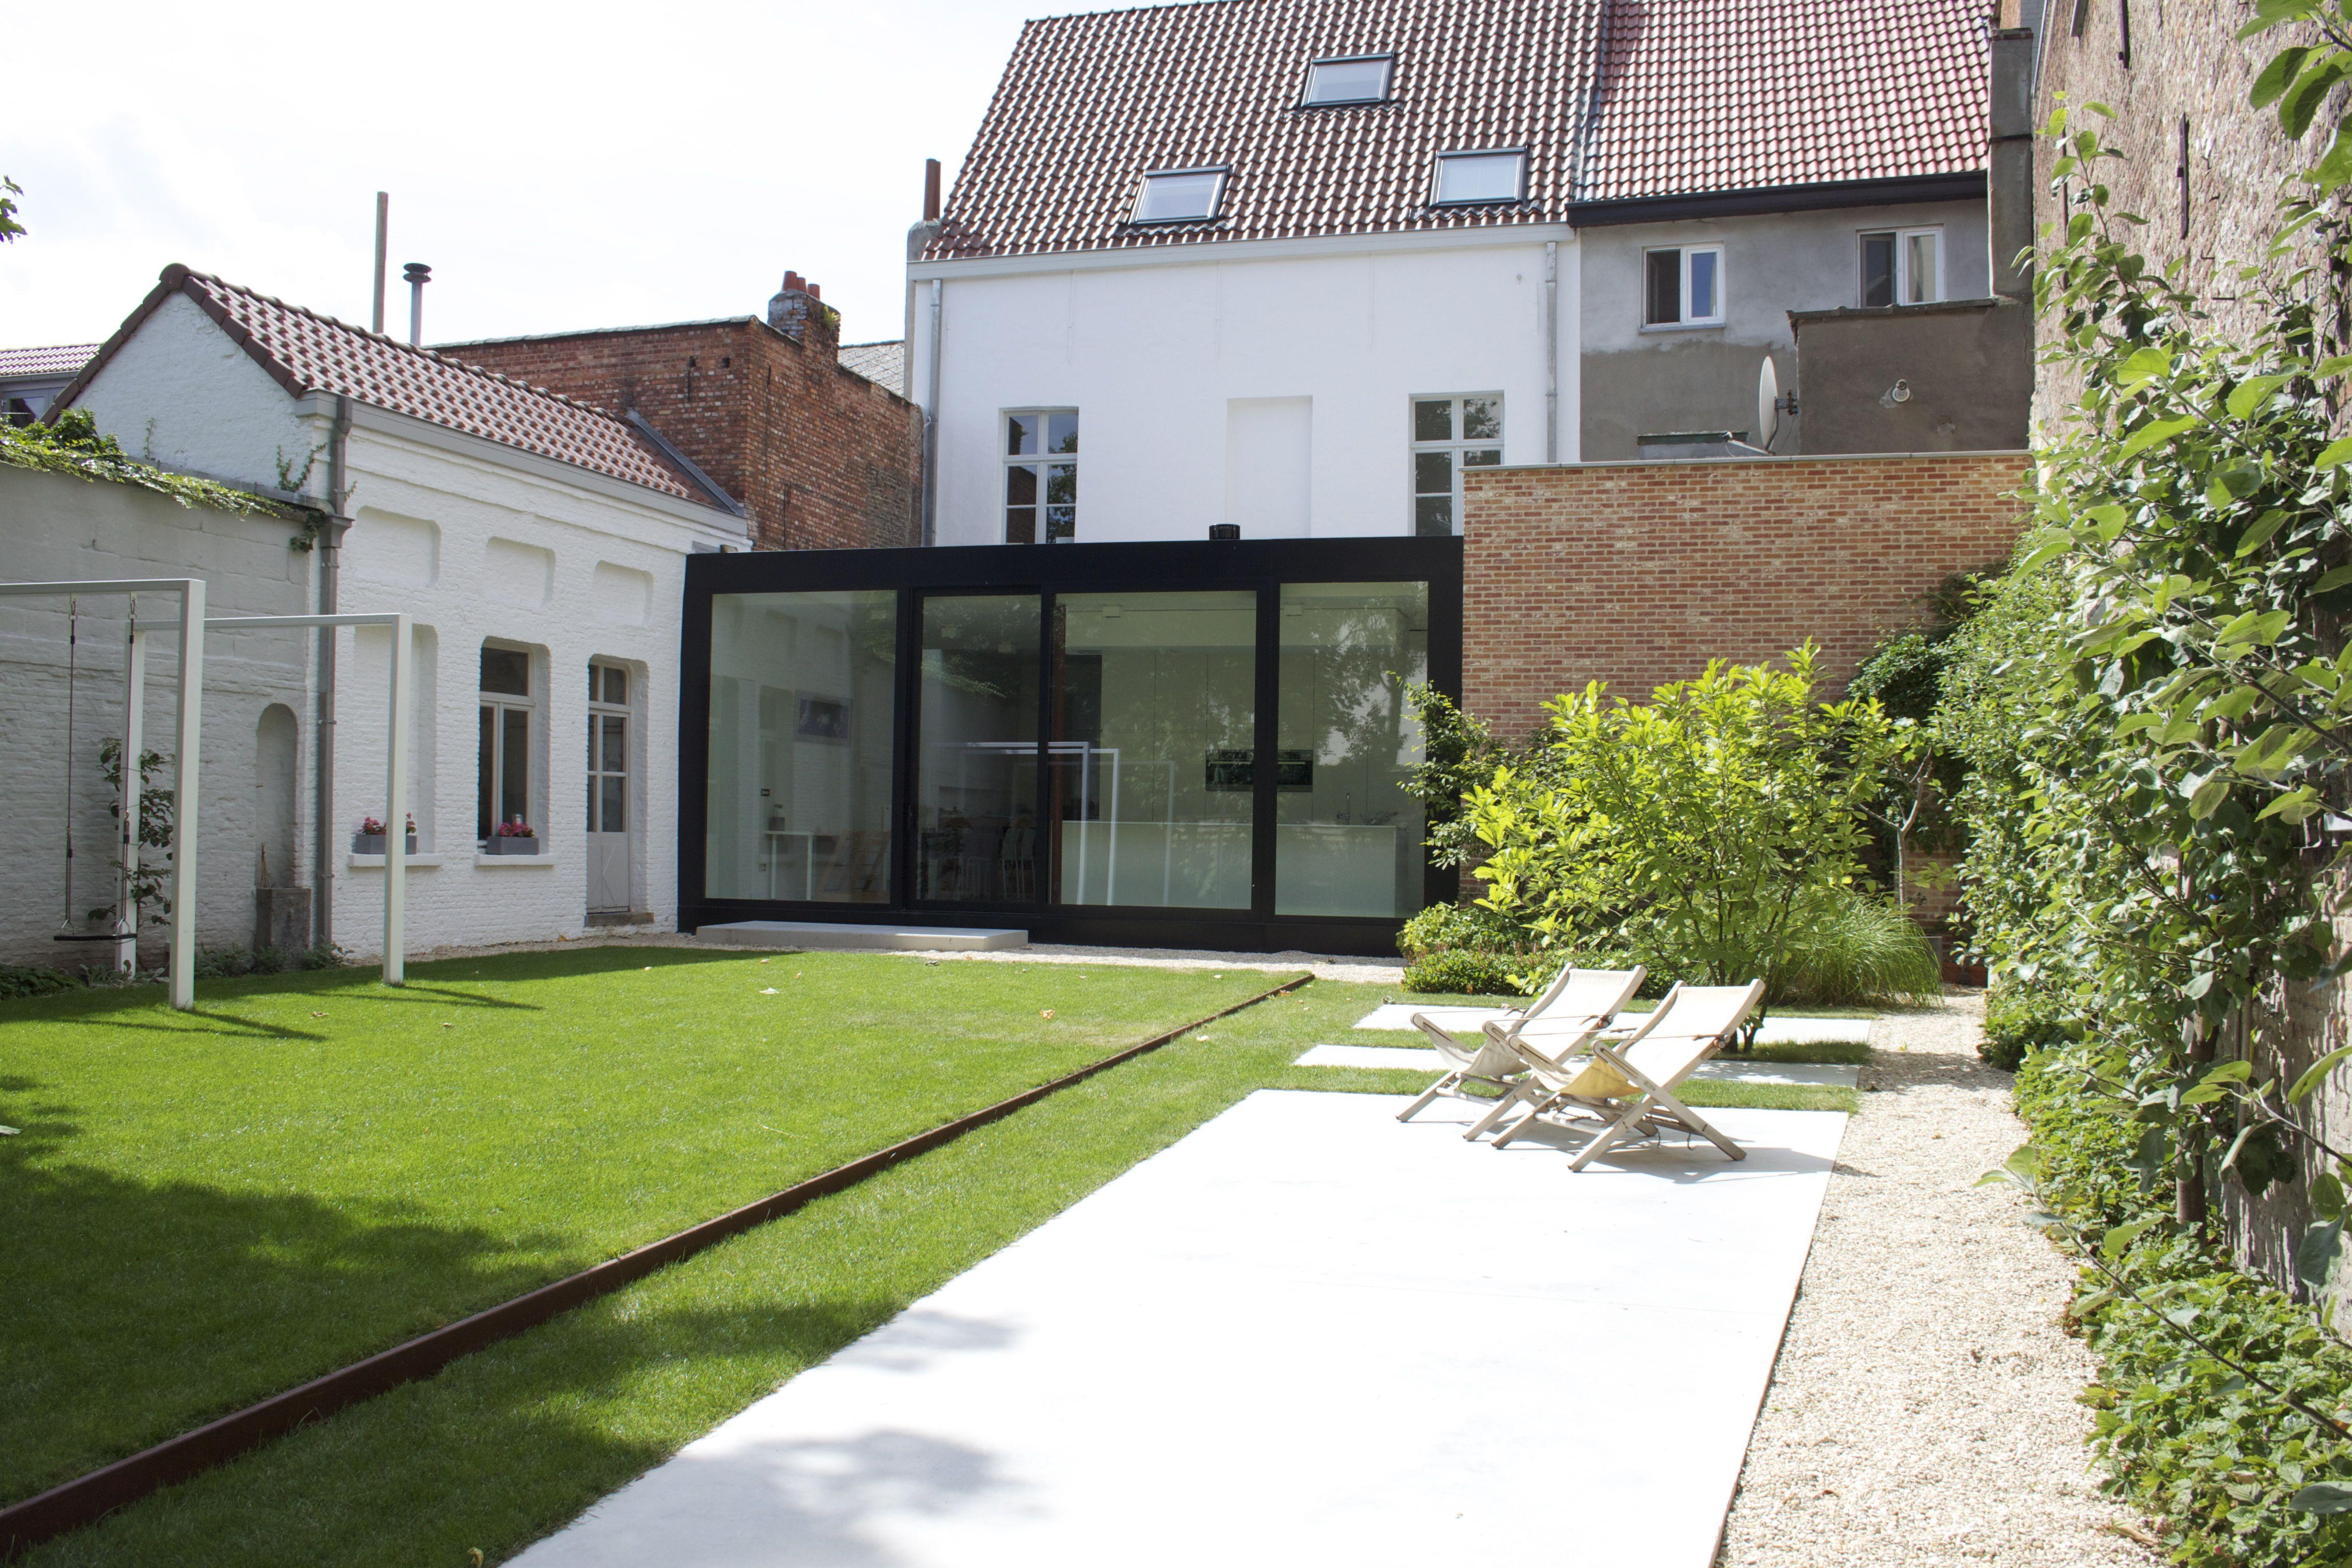 Studio k tuin mechelen 2010 verhoogd gazon cortenstaal pergola wit gelakt staal castle - Smeedijzeren pergolas voor terras ...